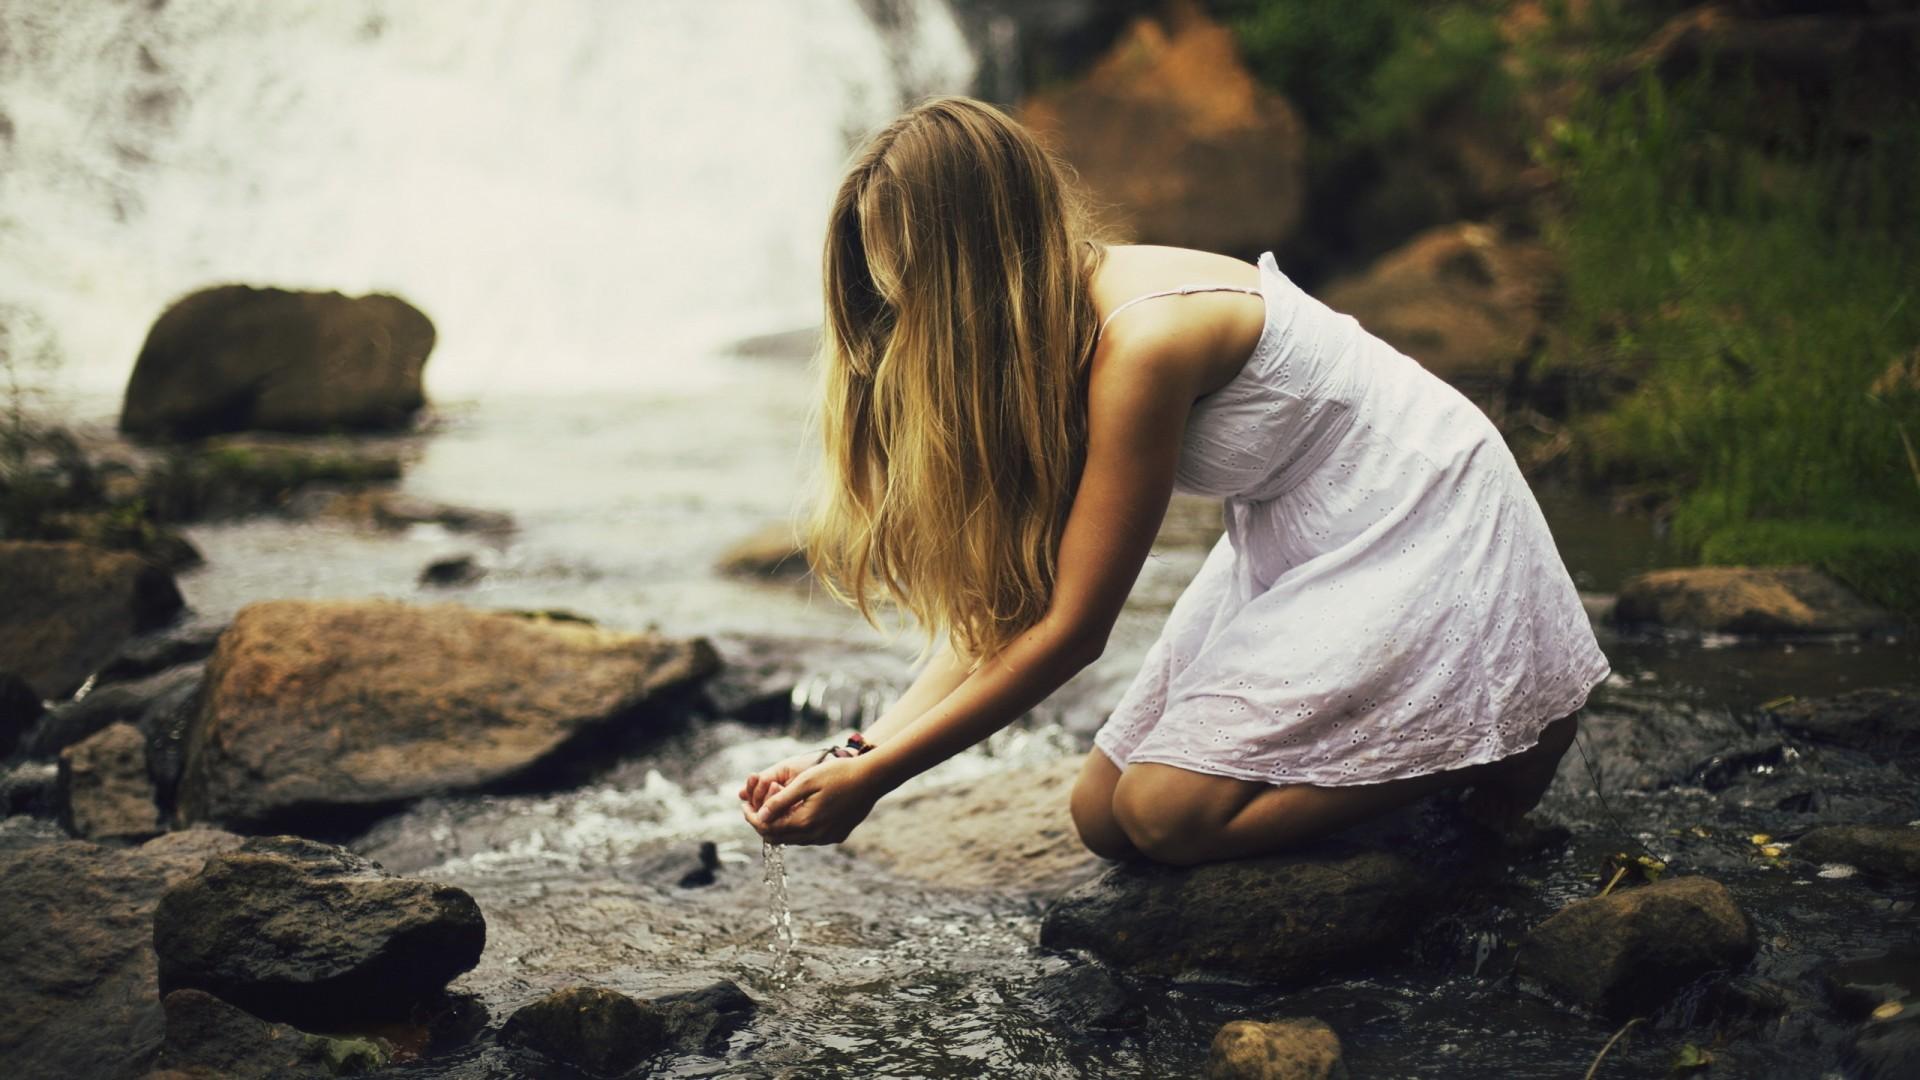 Картинки девушка у реки со спины, открытка мая